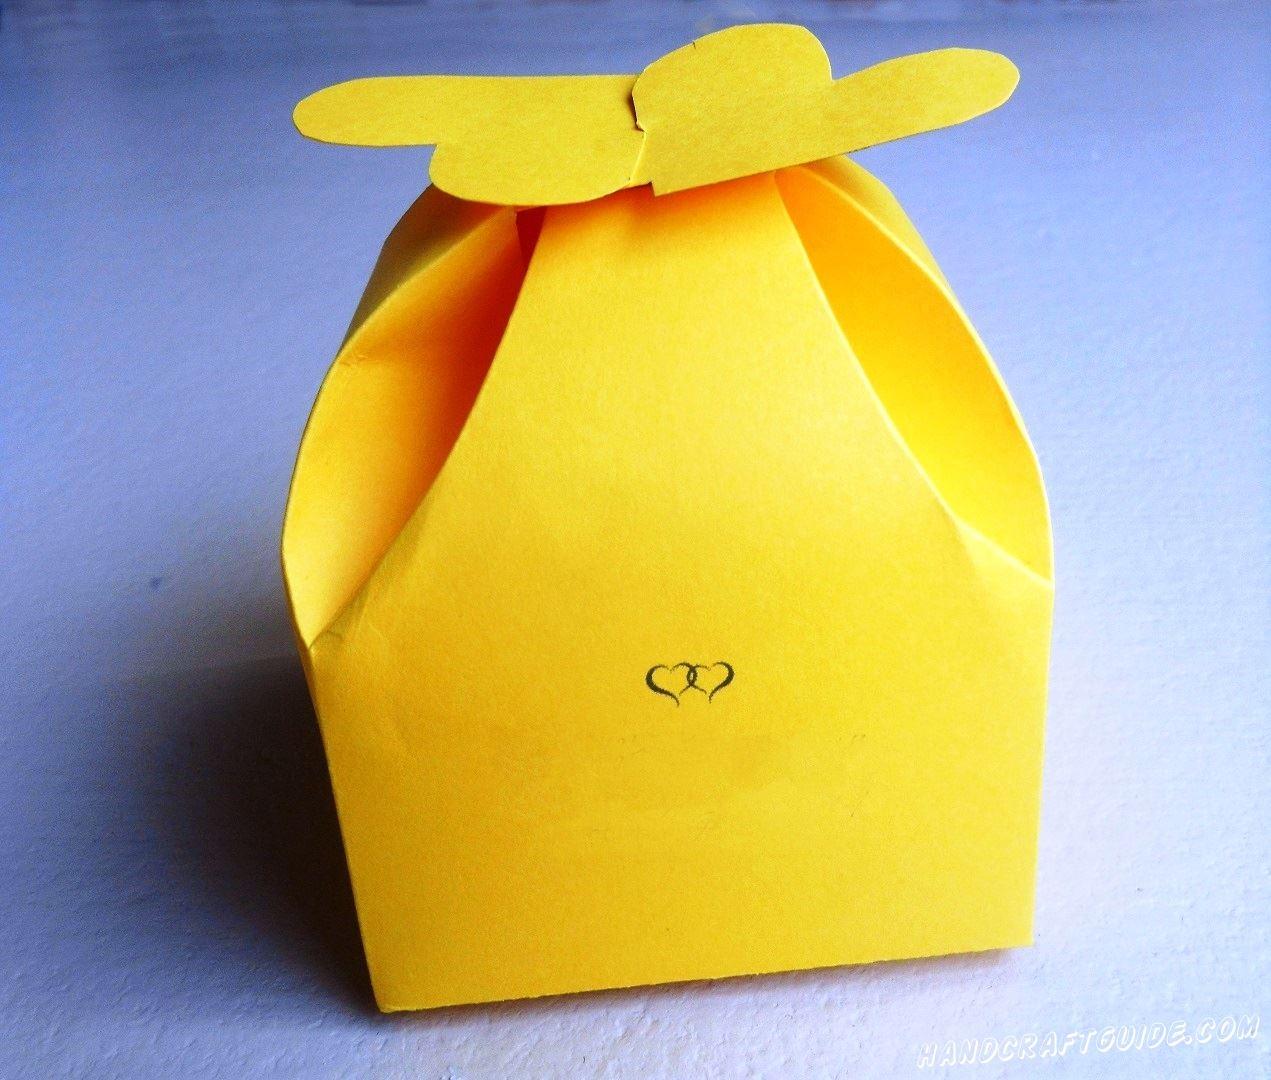 Неважно, что внутри, такой коробочкой вы уже покорите сердца. Любите друг друга!